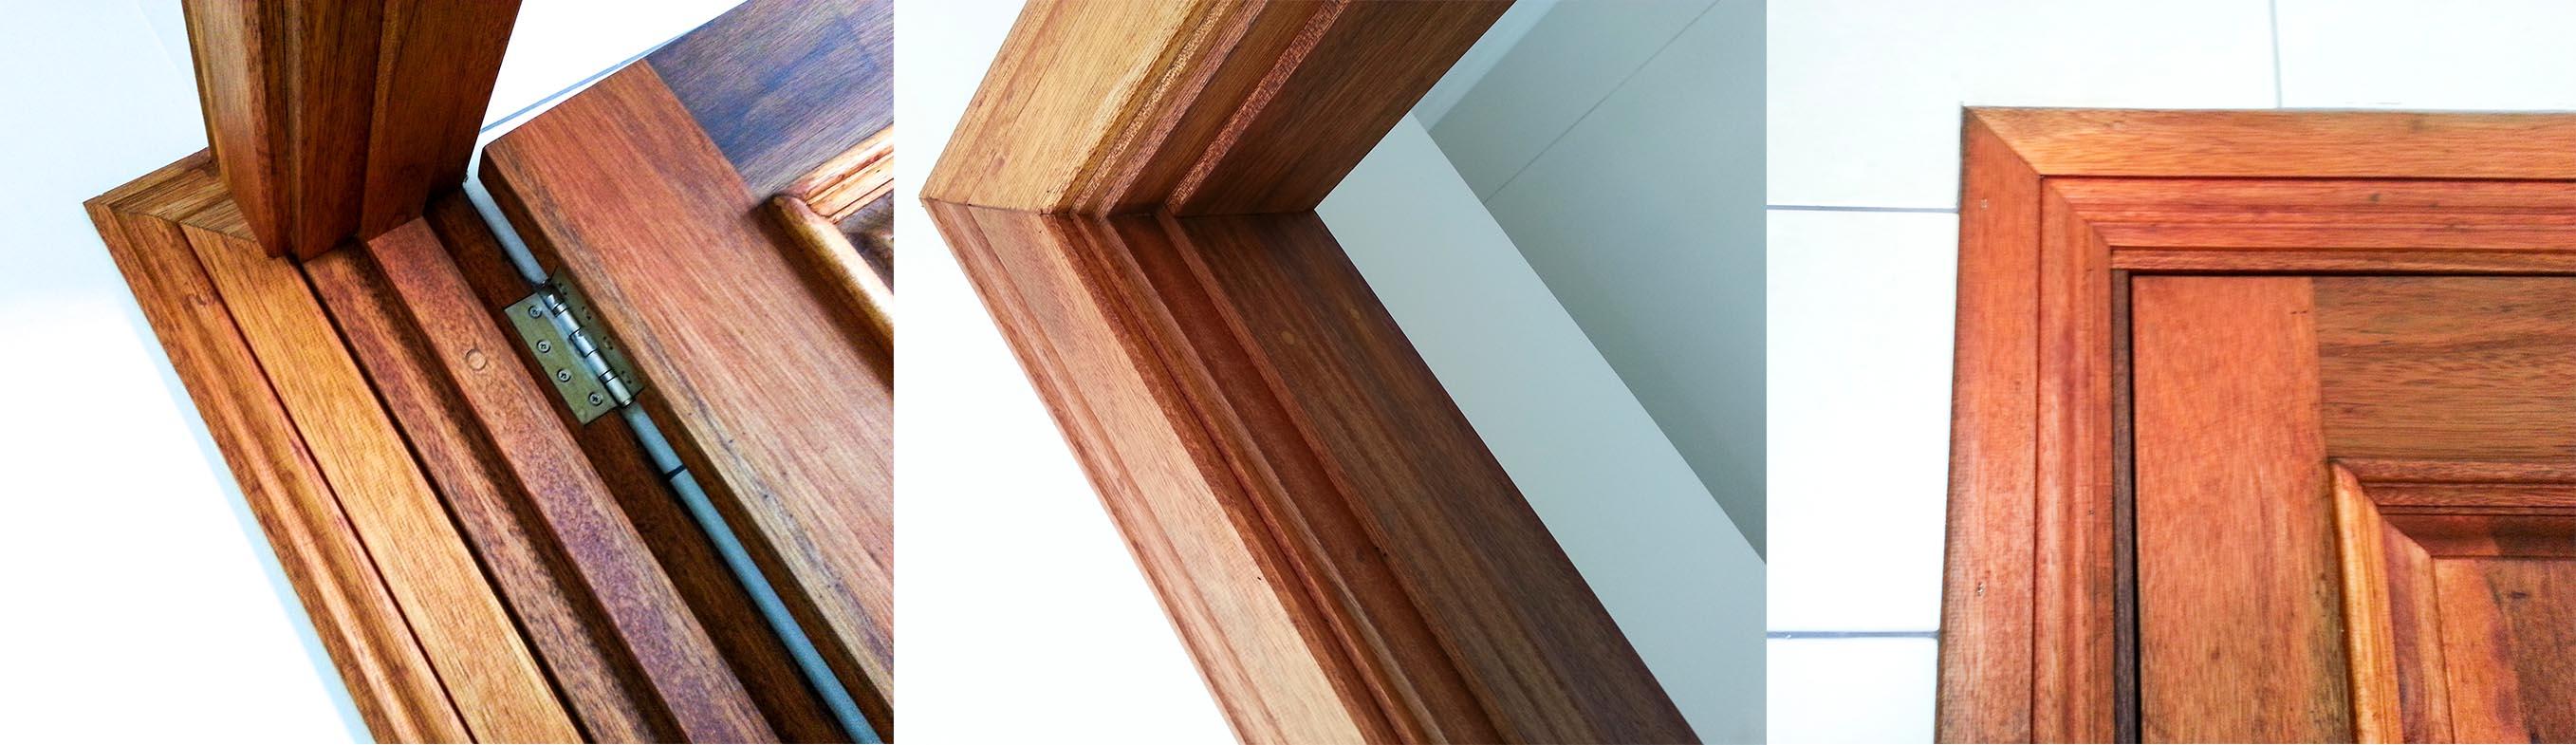 Jamb Liner Door Frame Small Pane Windows Fanlight Full